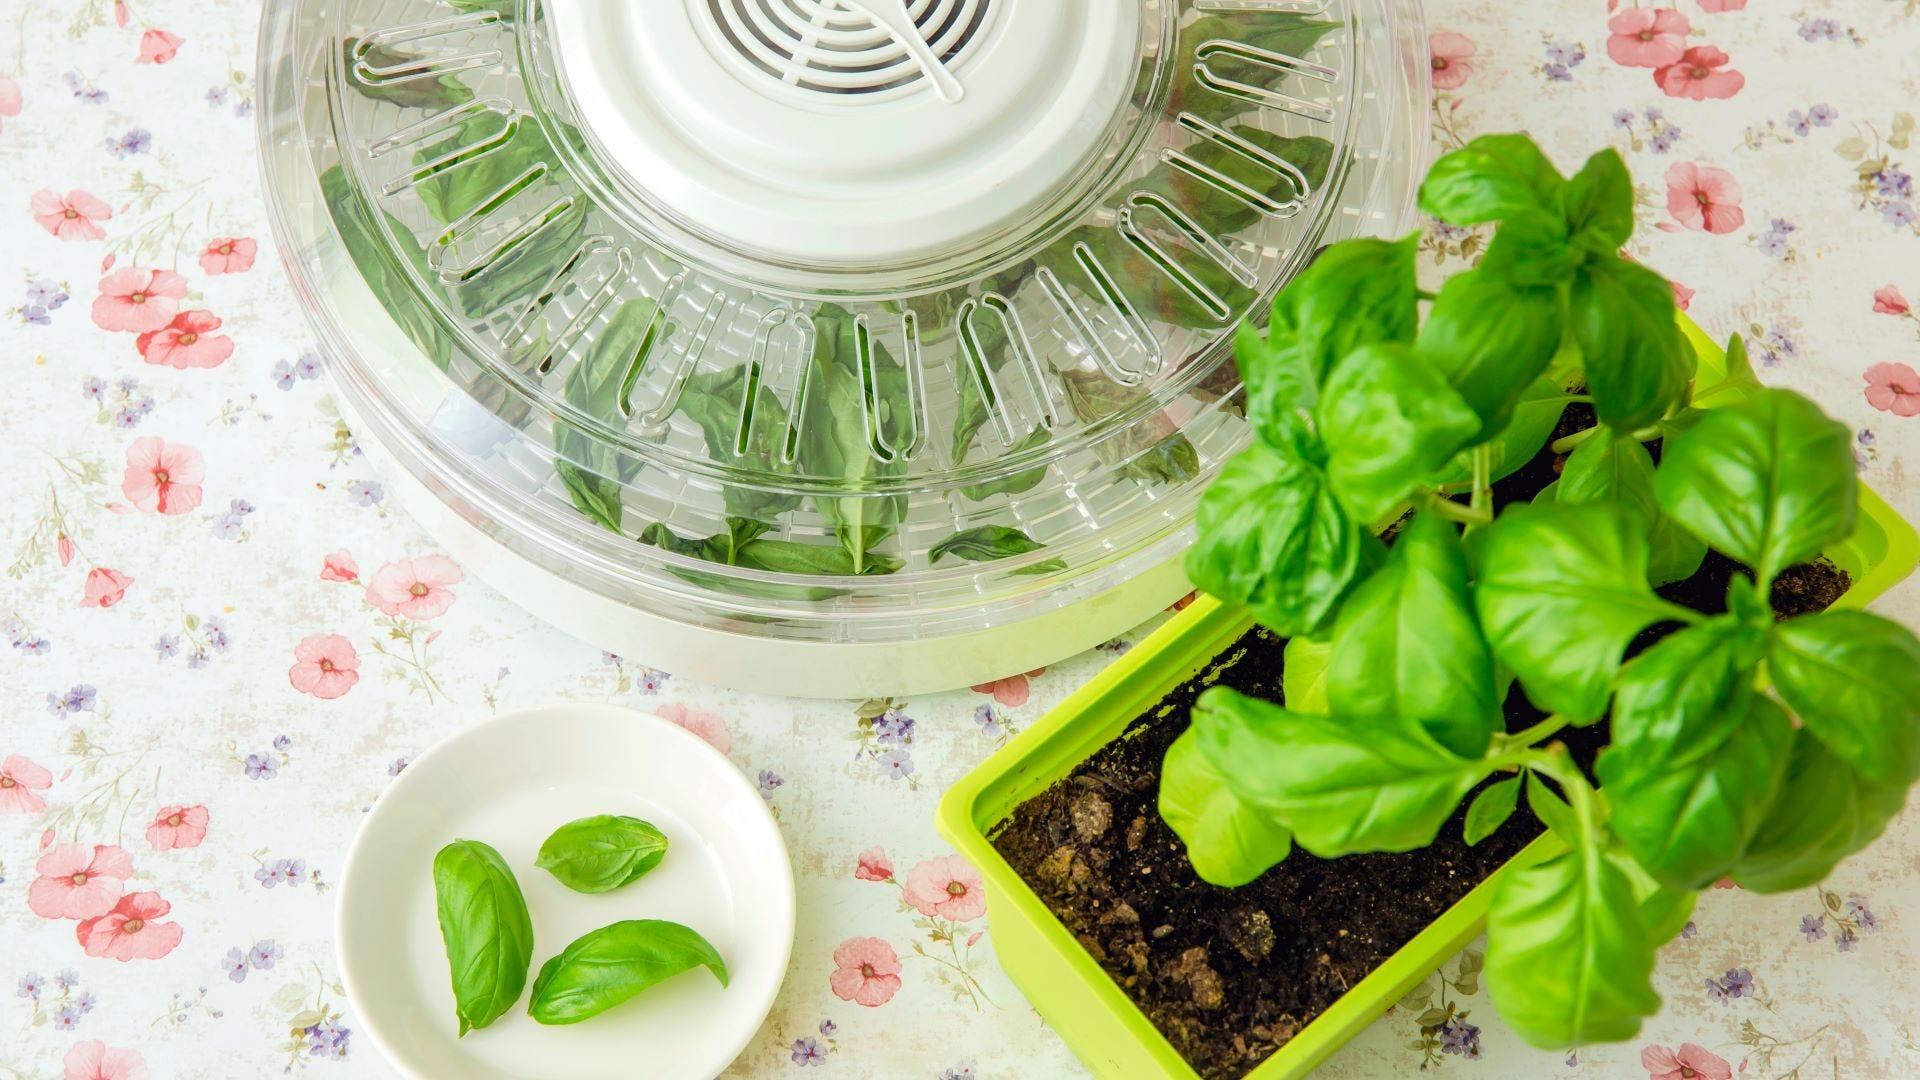 Herbs in an electrical dehydrator.